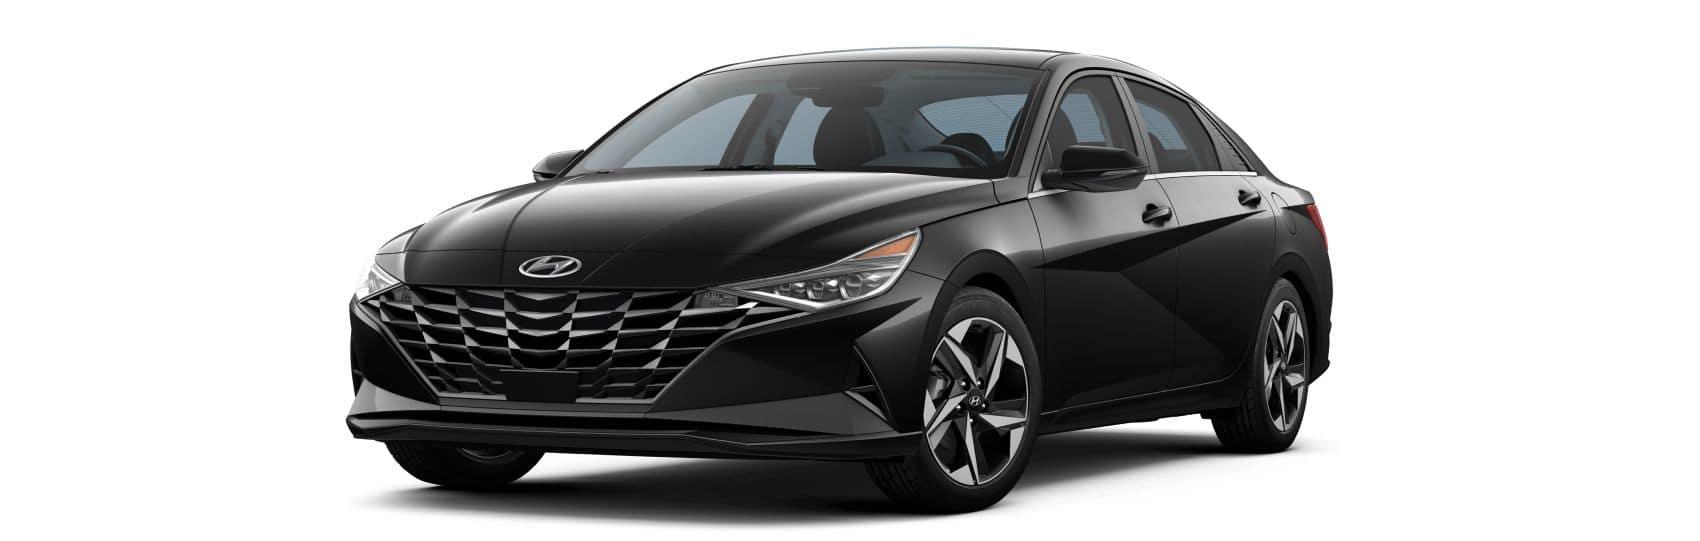 2021 Hyundai Elantra LTD Black Noir